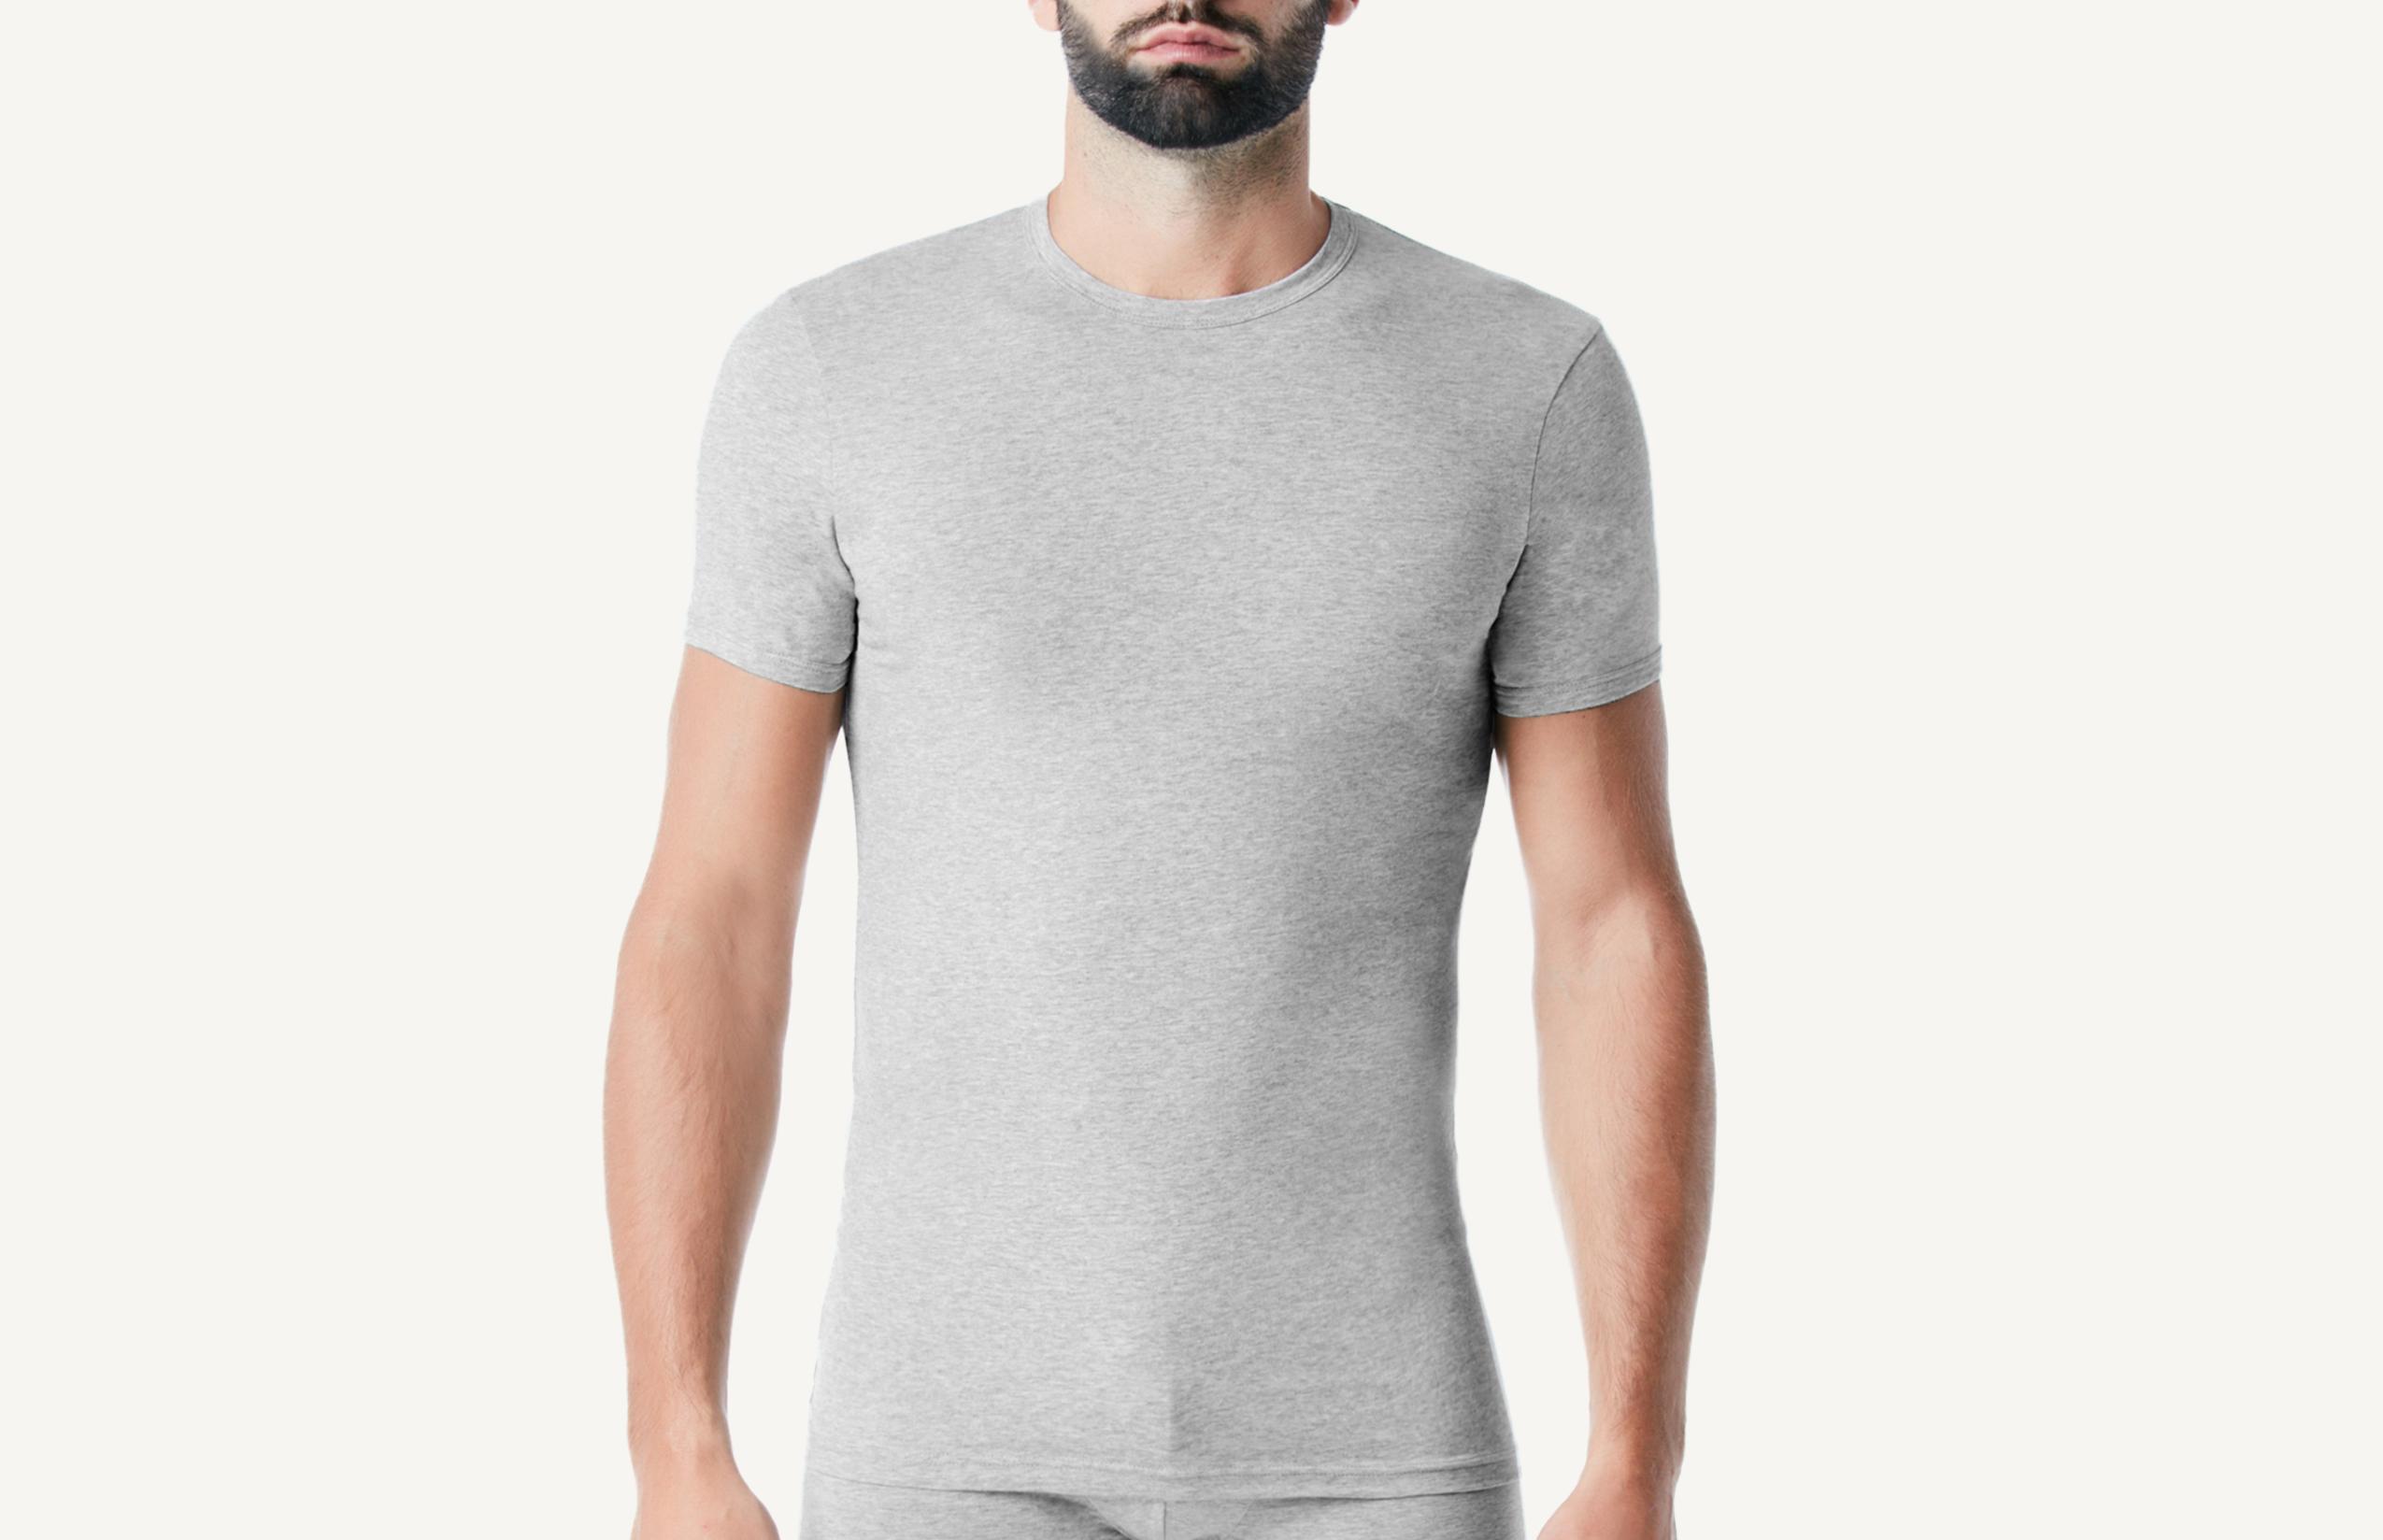 intimissimi - Rundhals-T-Shirt mit halbem Arm aus elastischer Baumwolle